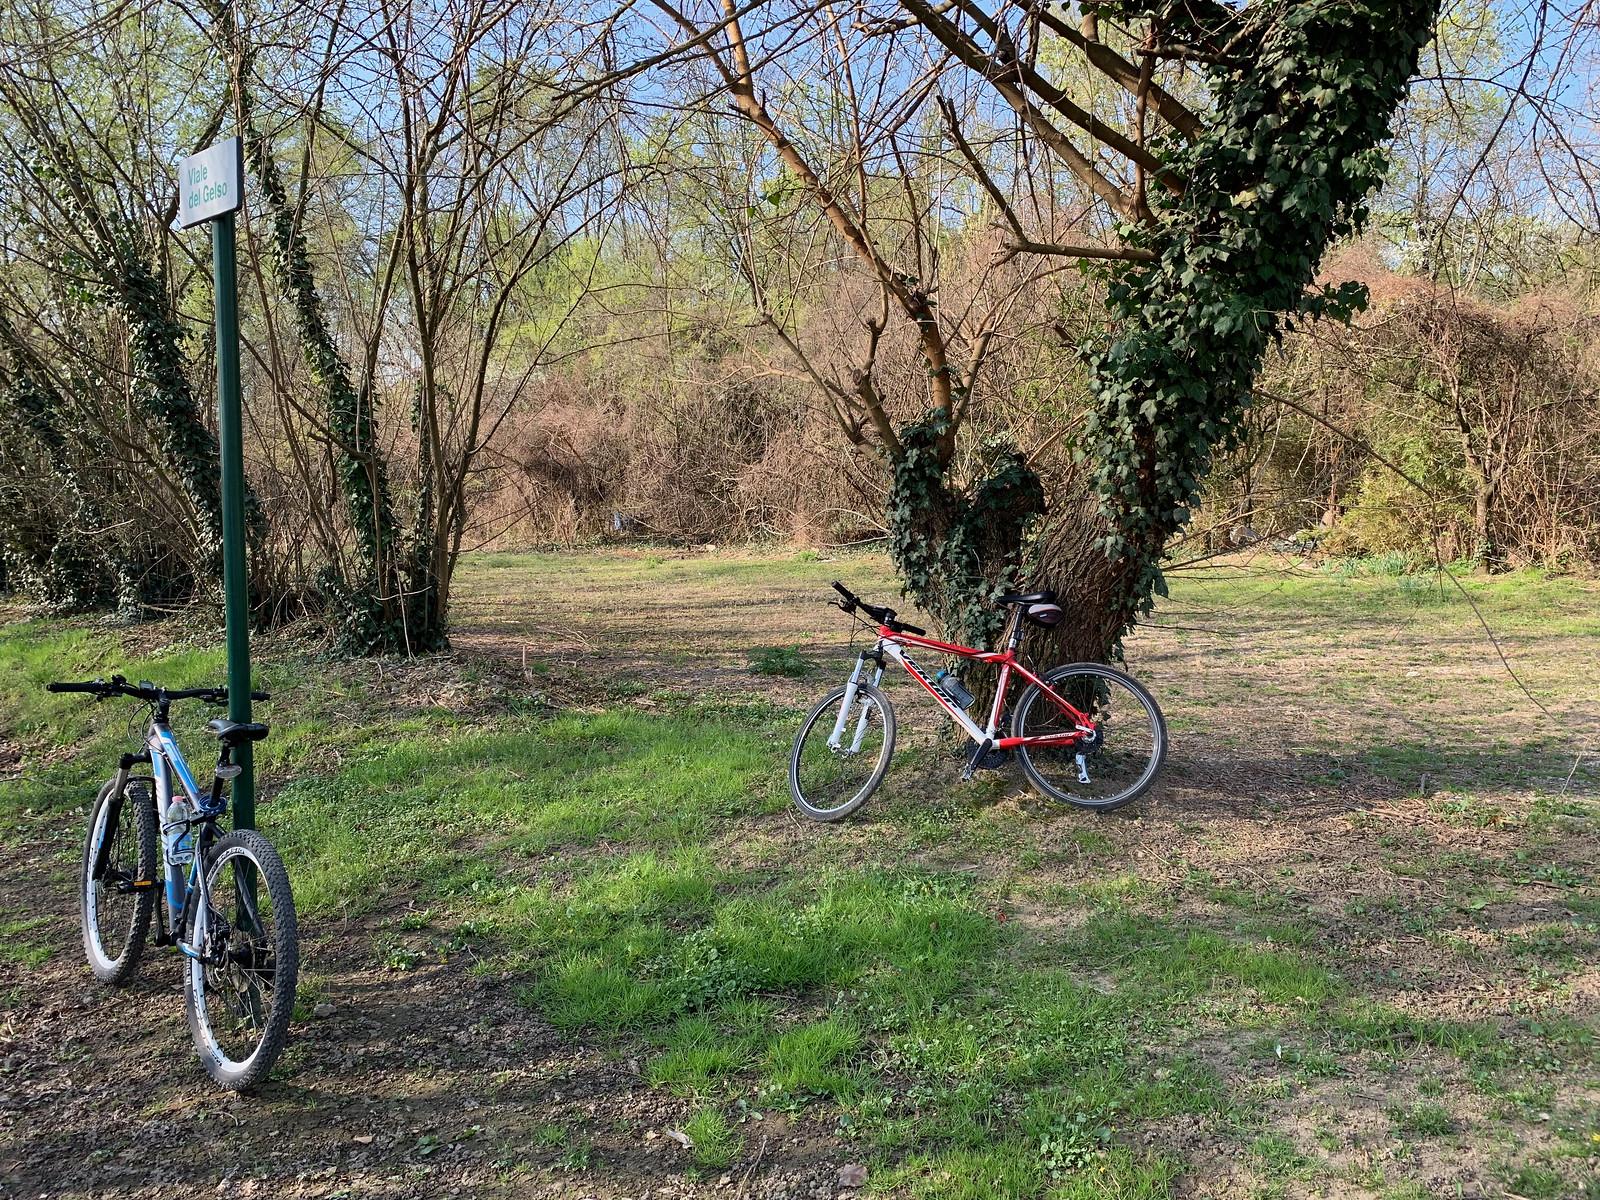 Biciclettiamo in Armonia